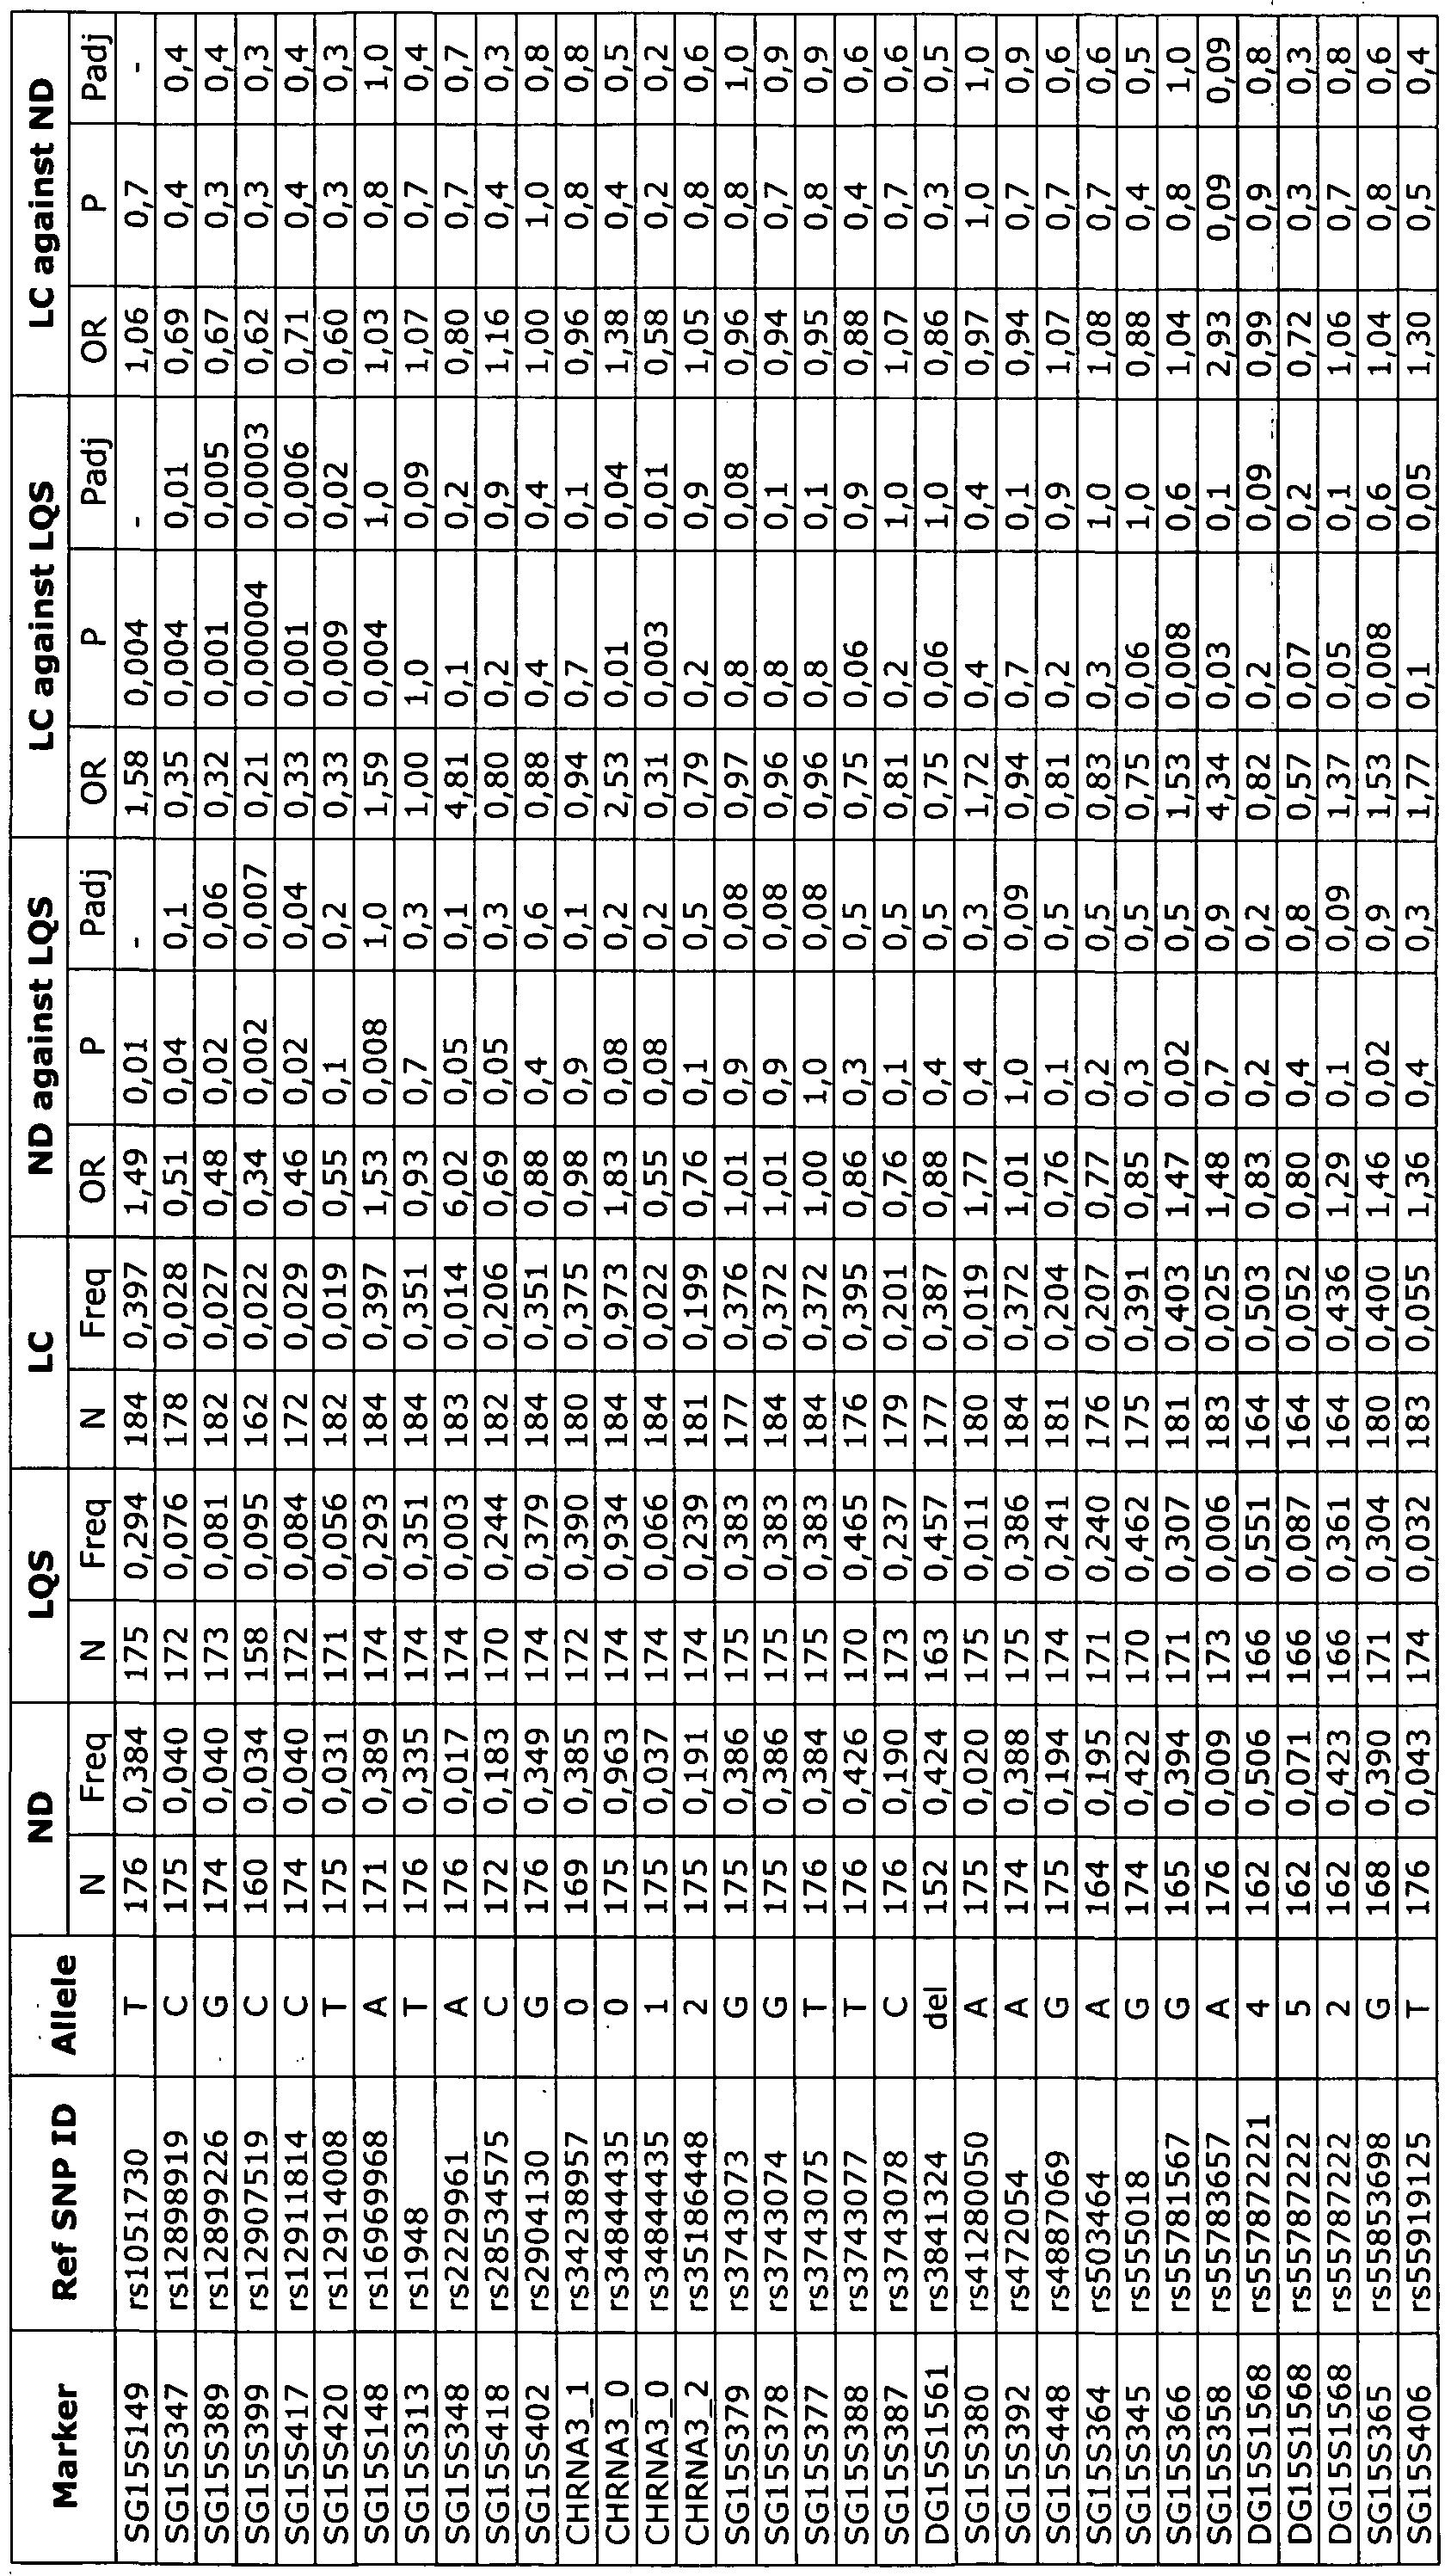 Figure imgf000110_0001